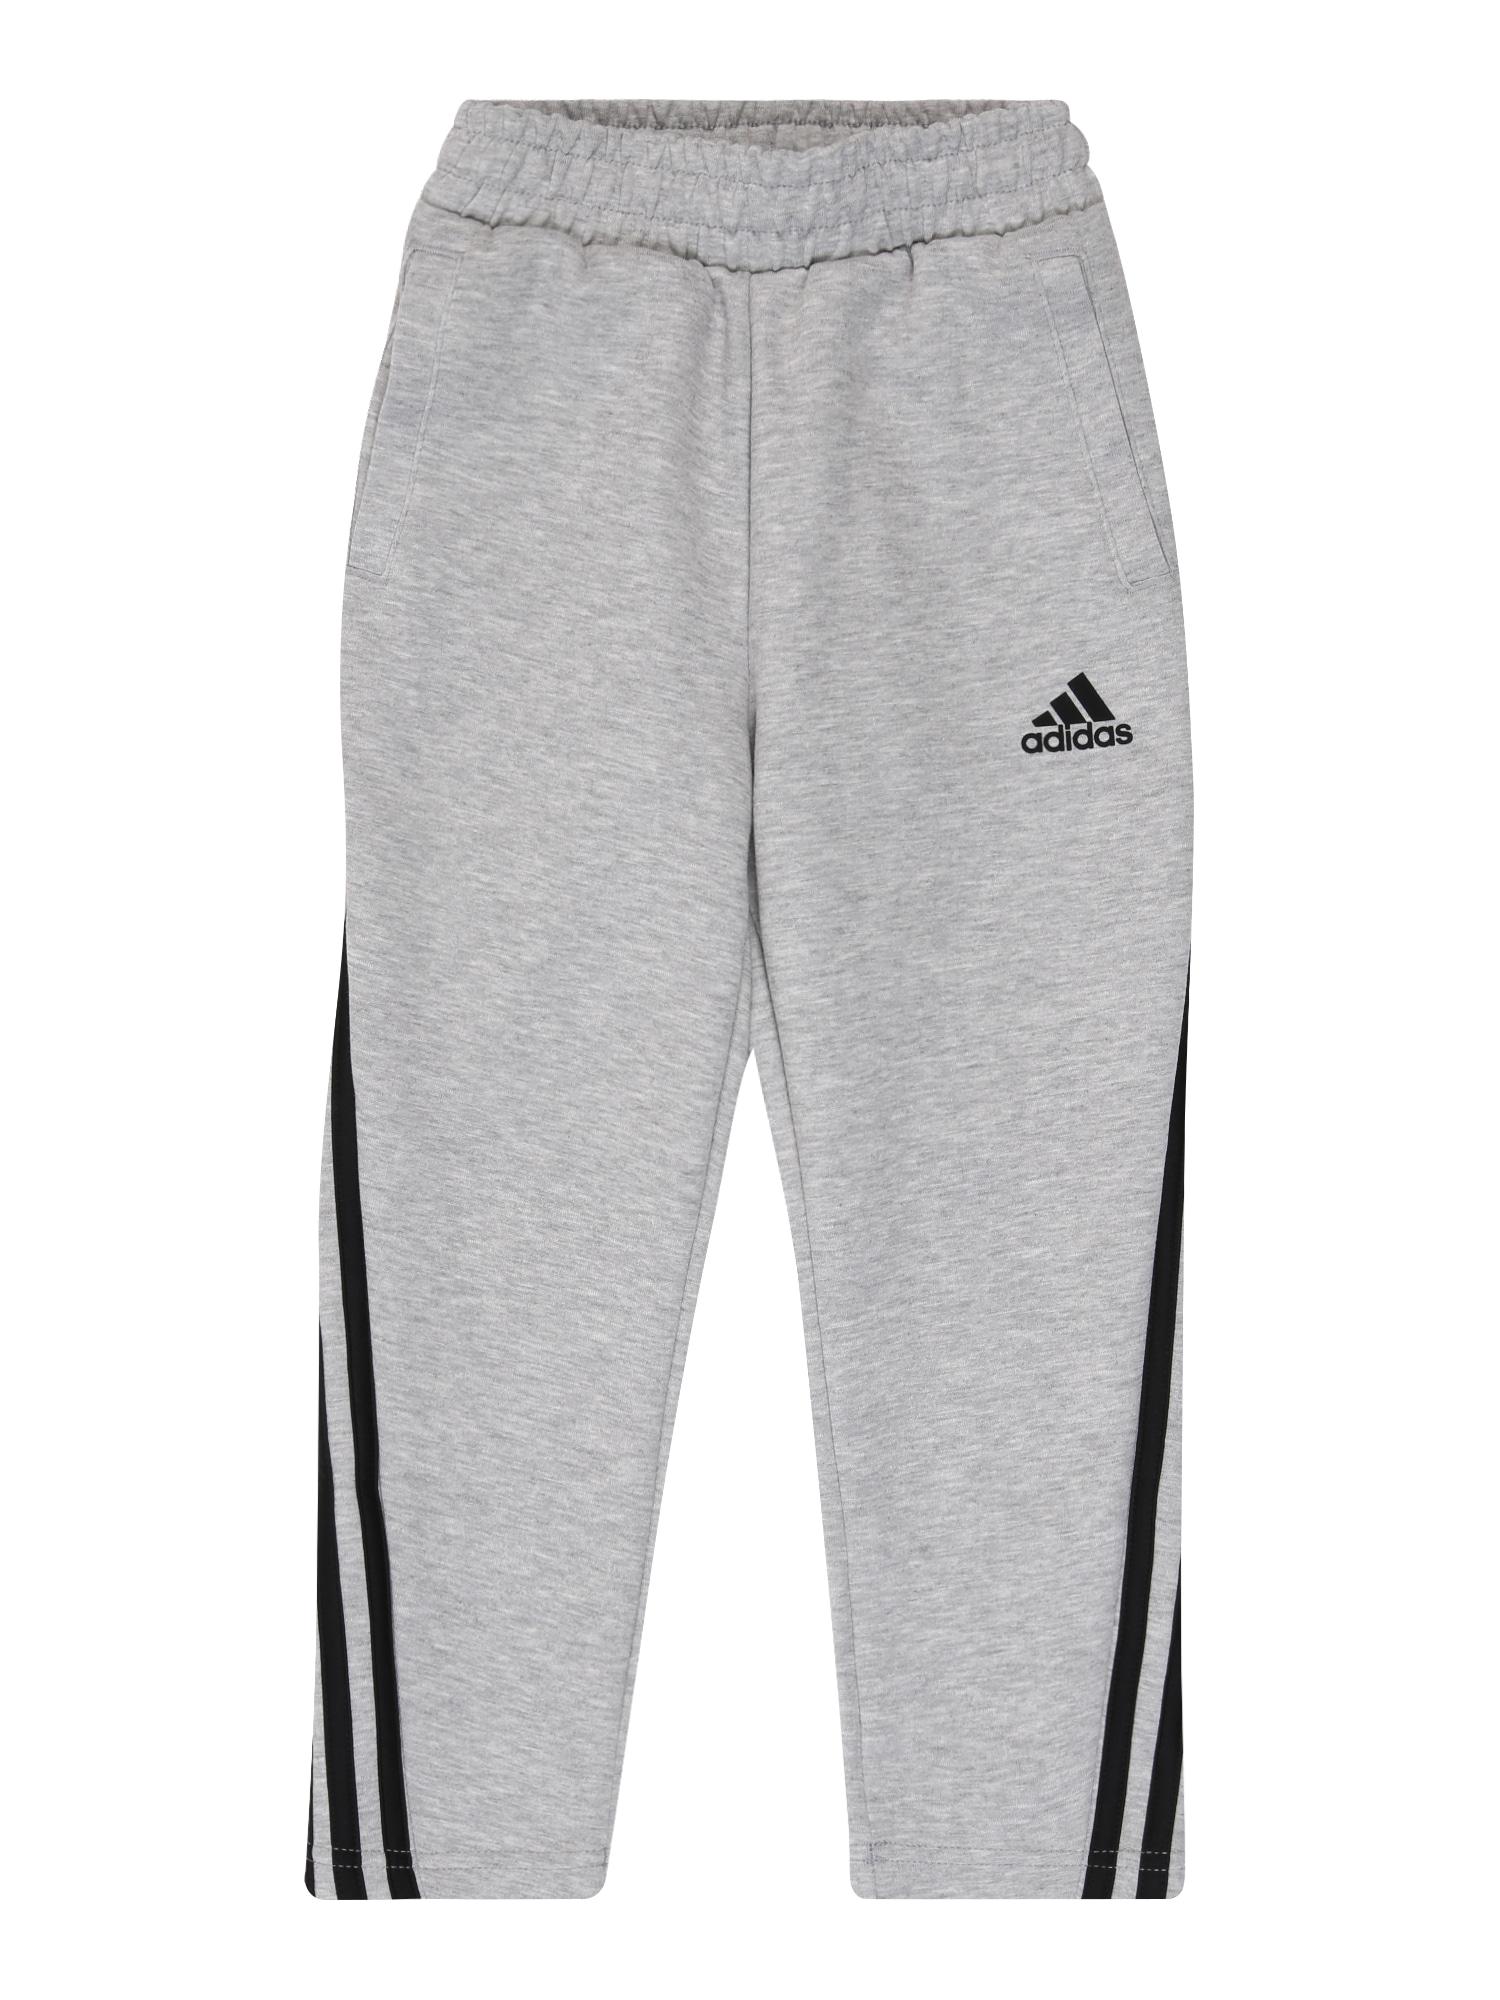 ADIDAS PERFORMANCE Sportinės kelnės margai pilka / juoda